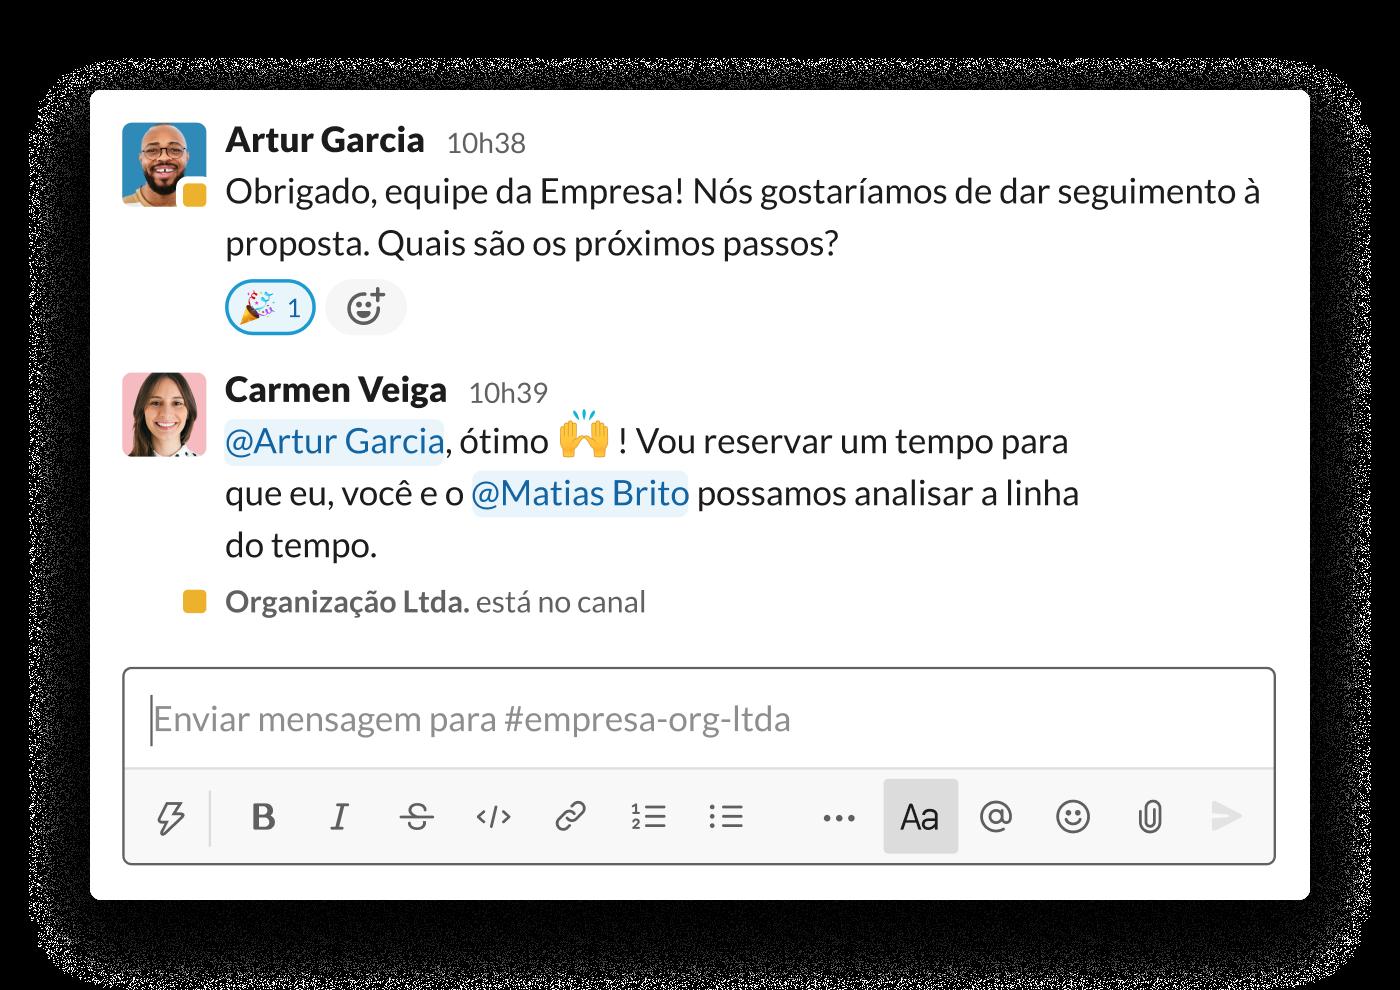 Duas organizações negociam uma proposta em um canal compartilhado do Slack